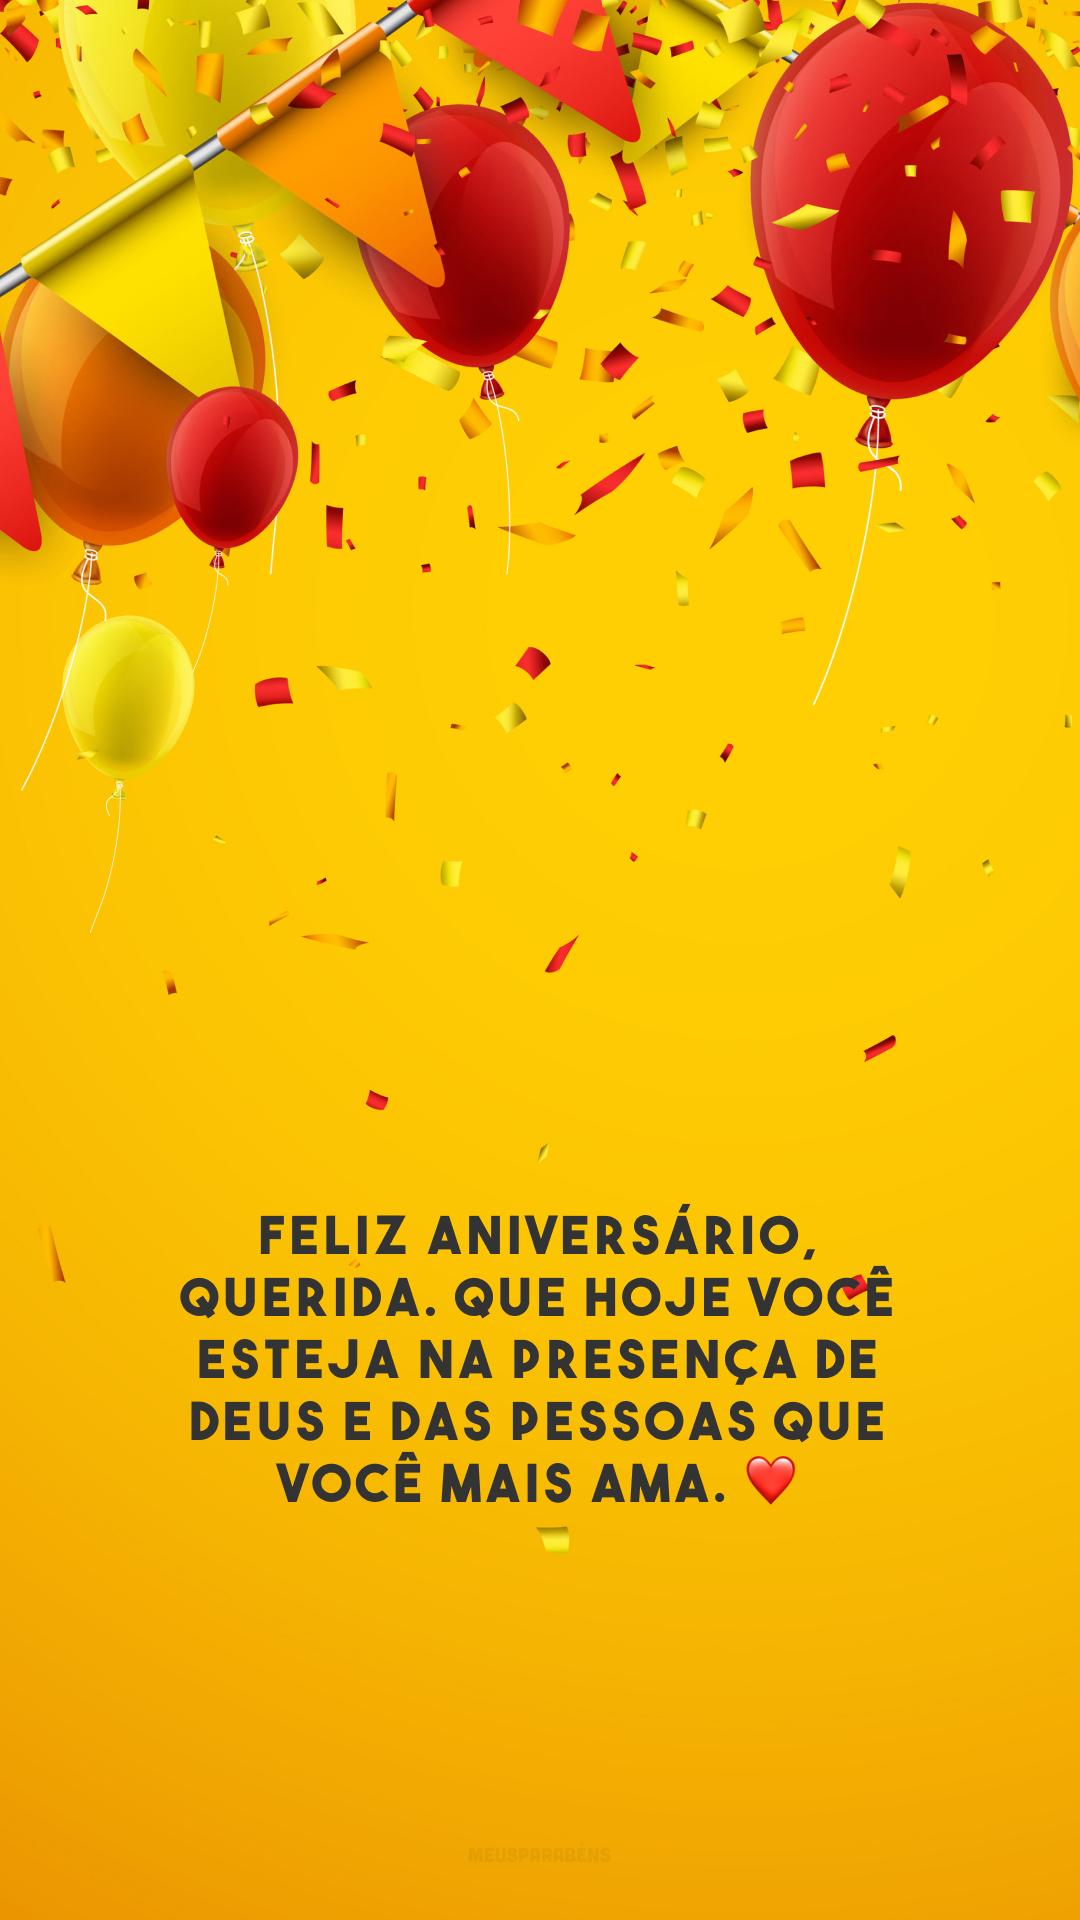 Feliz aniversário, querida. Que hoje você esteja na presença de Deus e das pessoas que você mais ama. ❤️